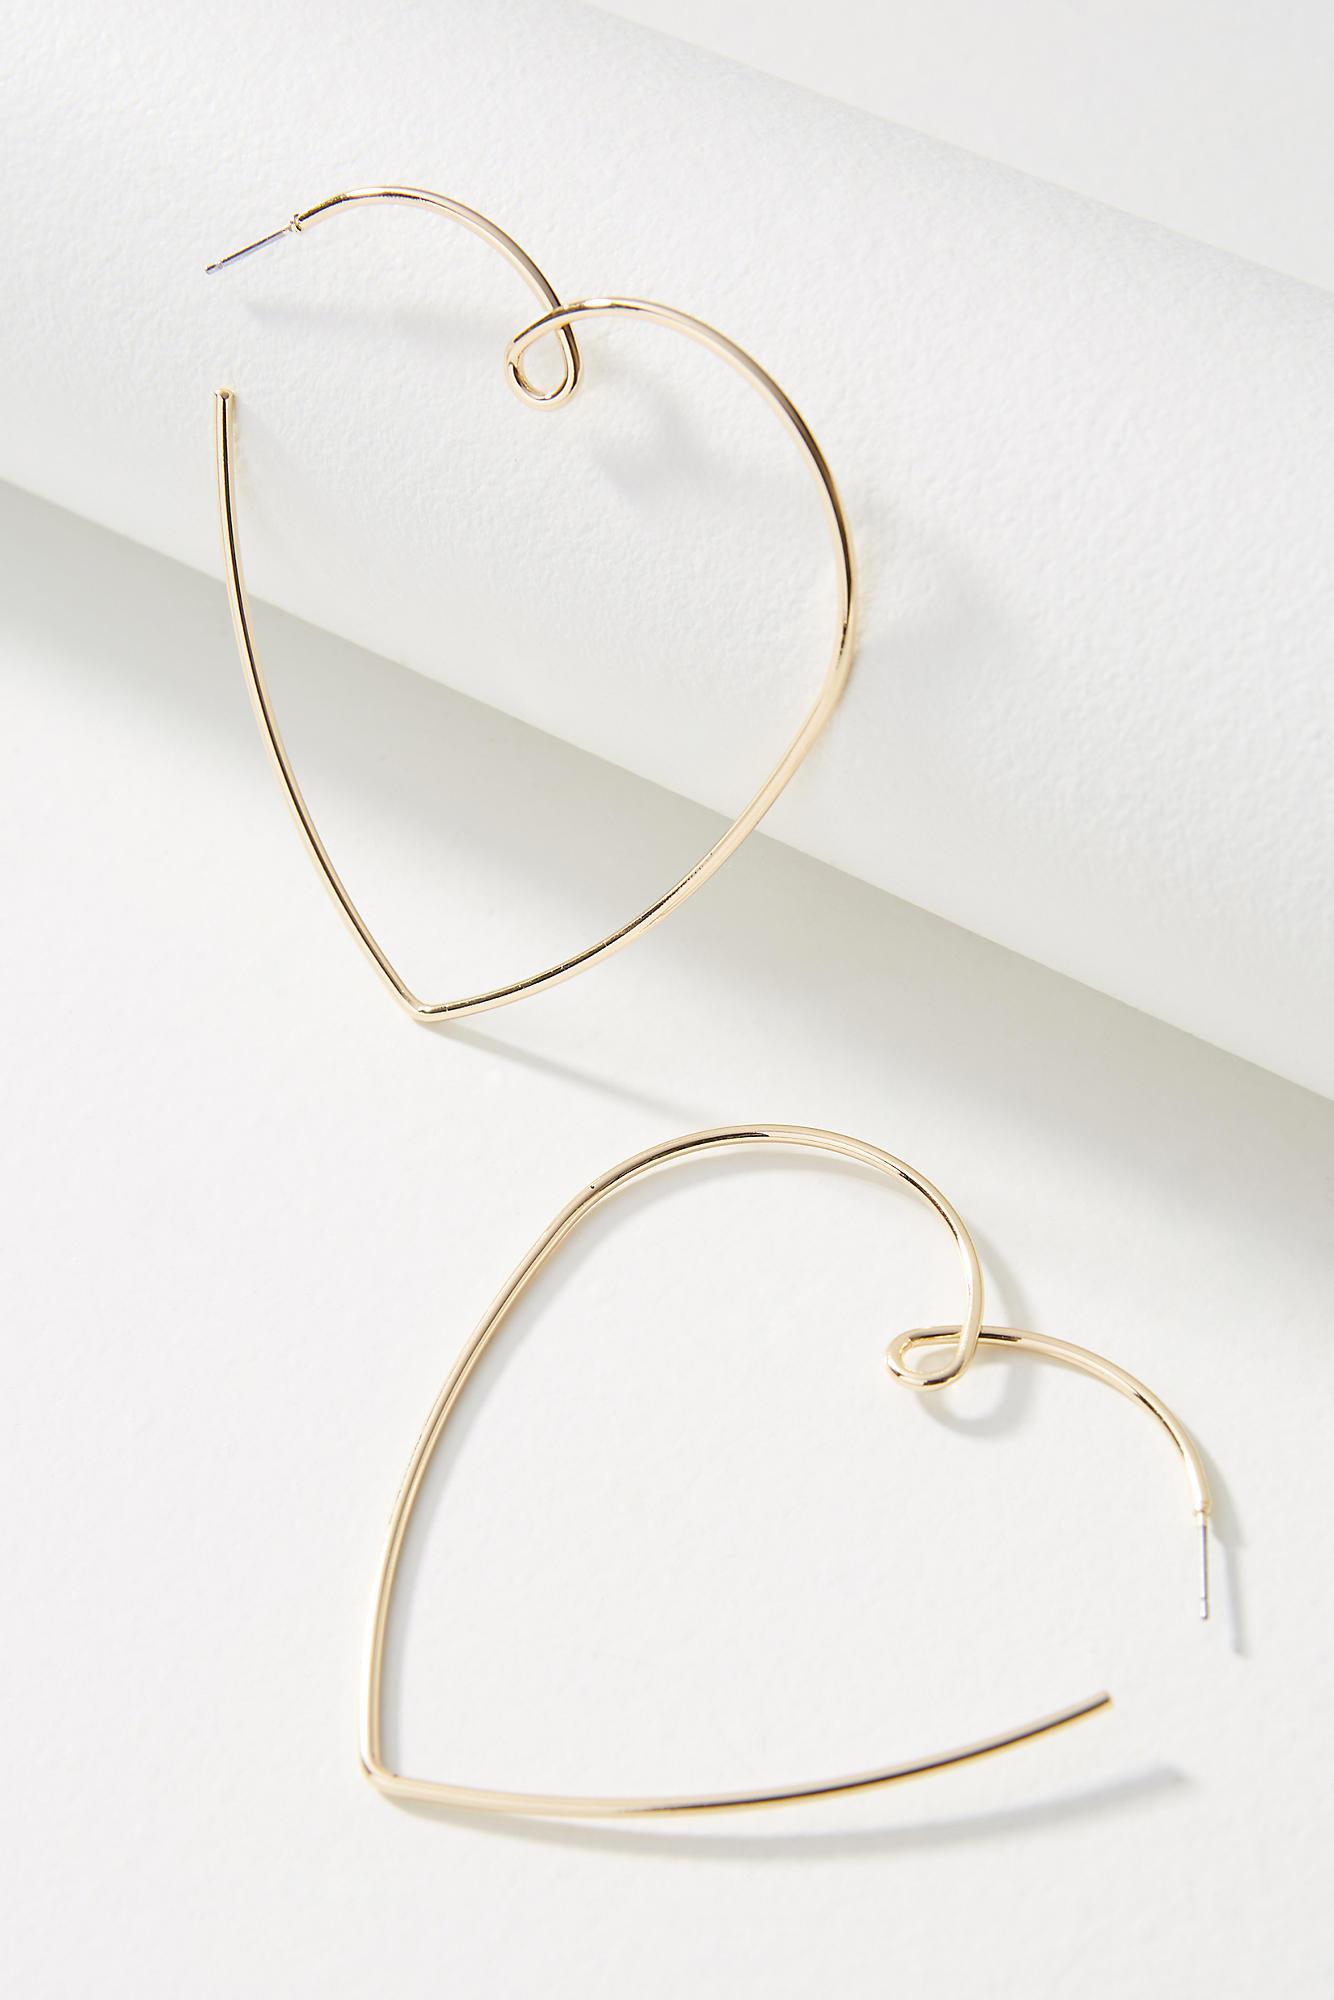 Anthropologie Pia Hoop Earrings yVN62A